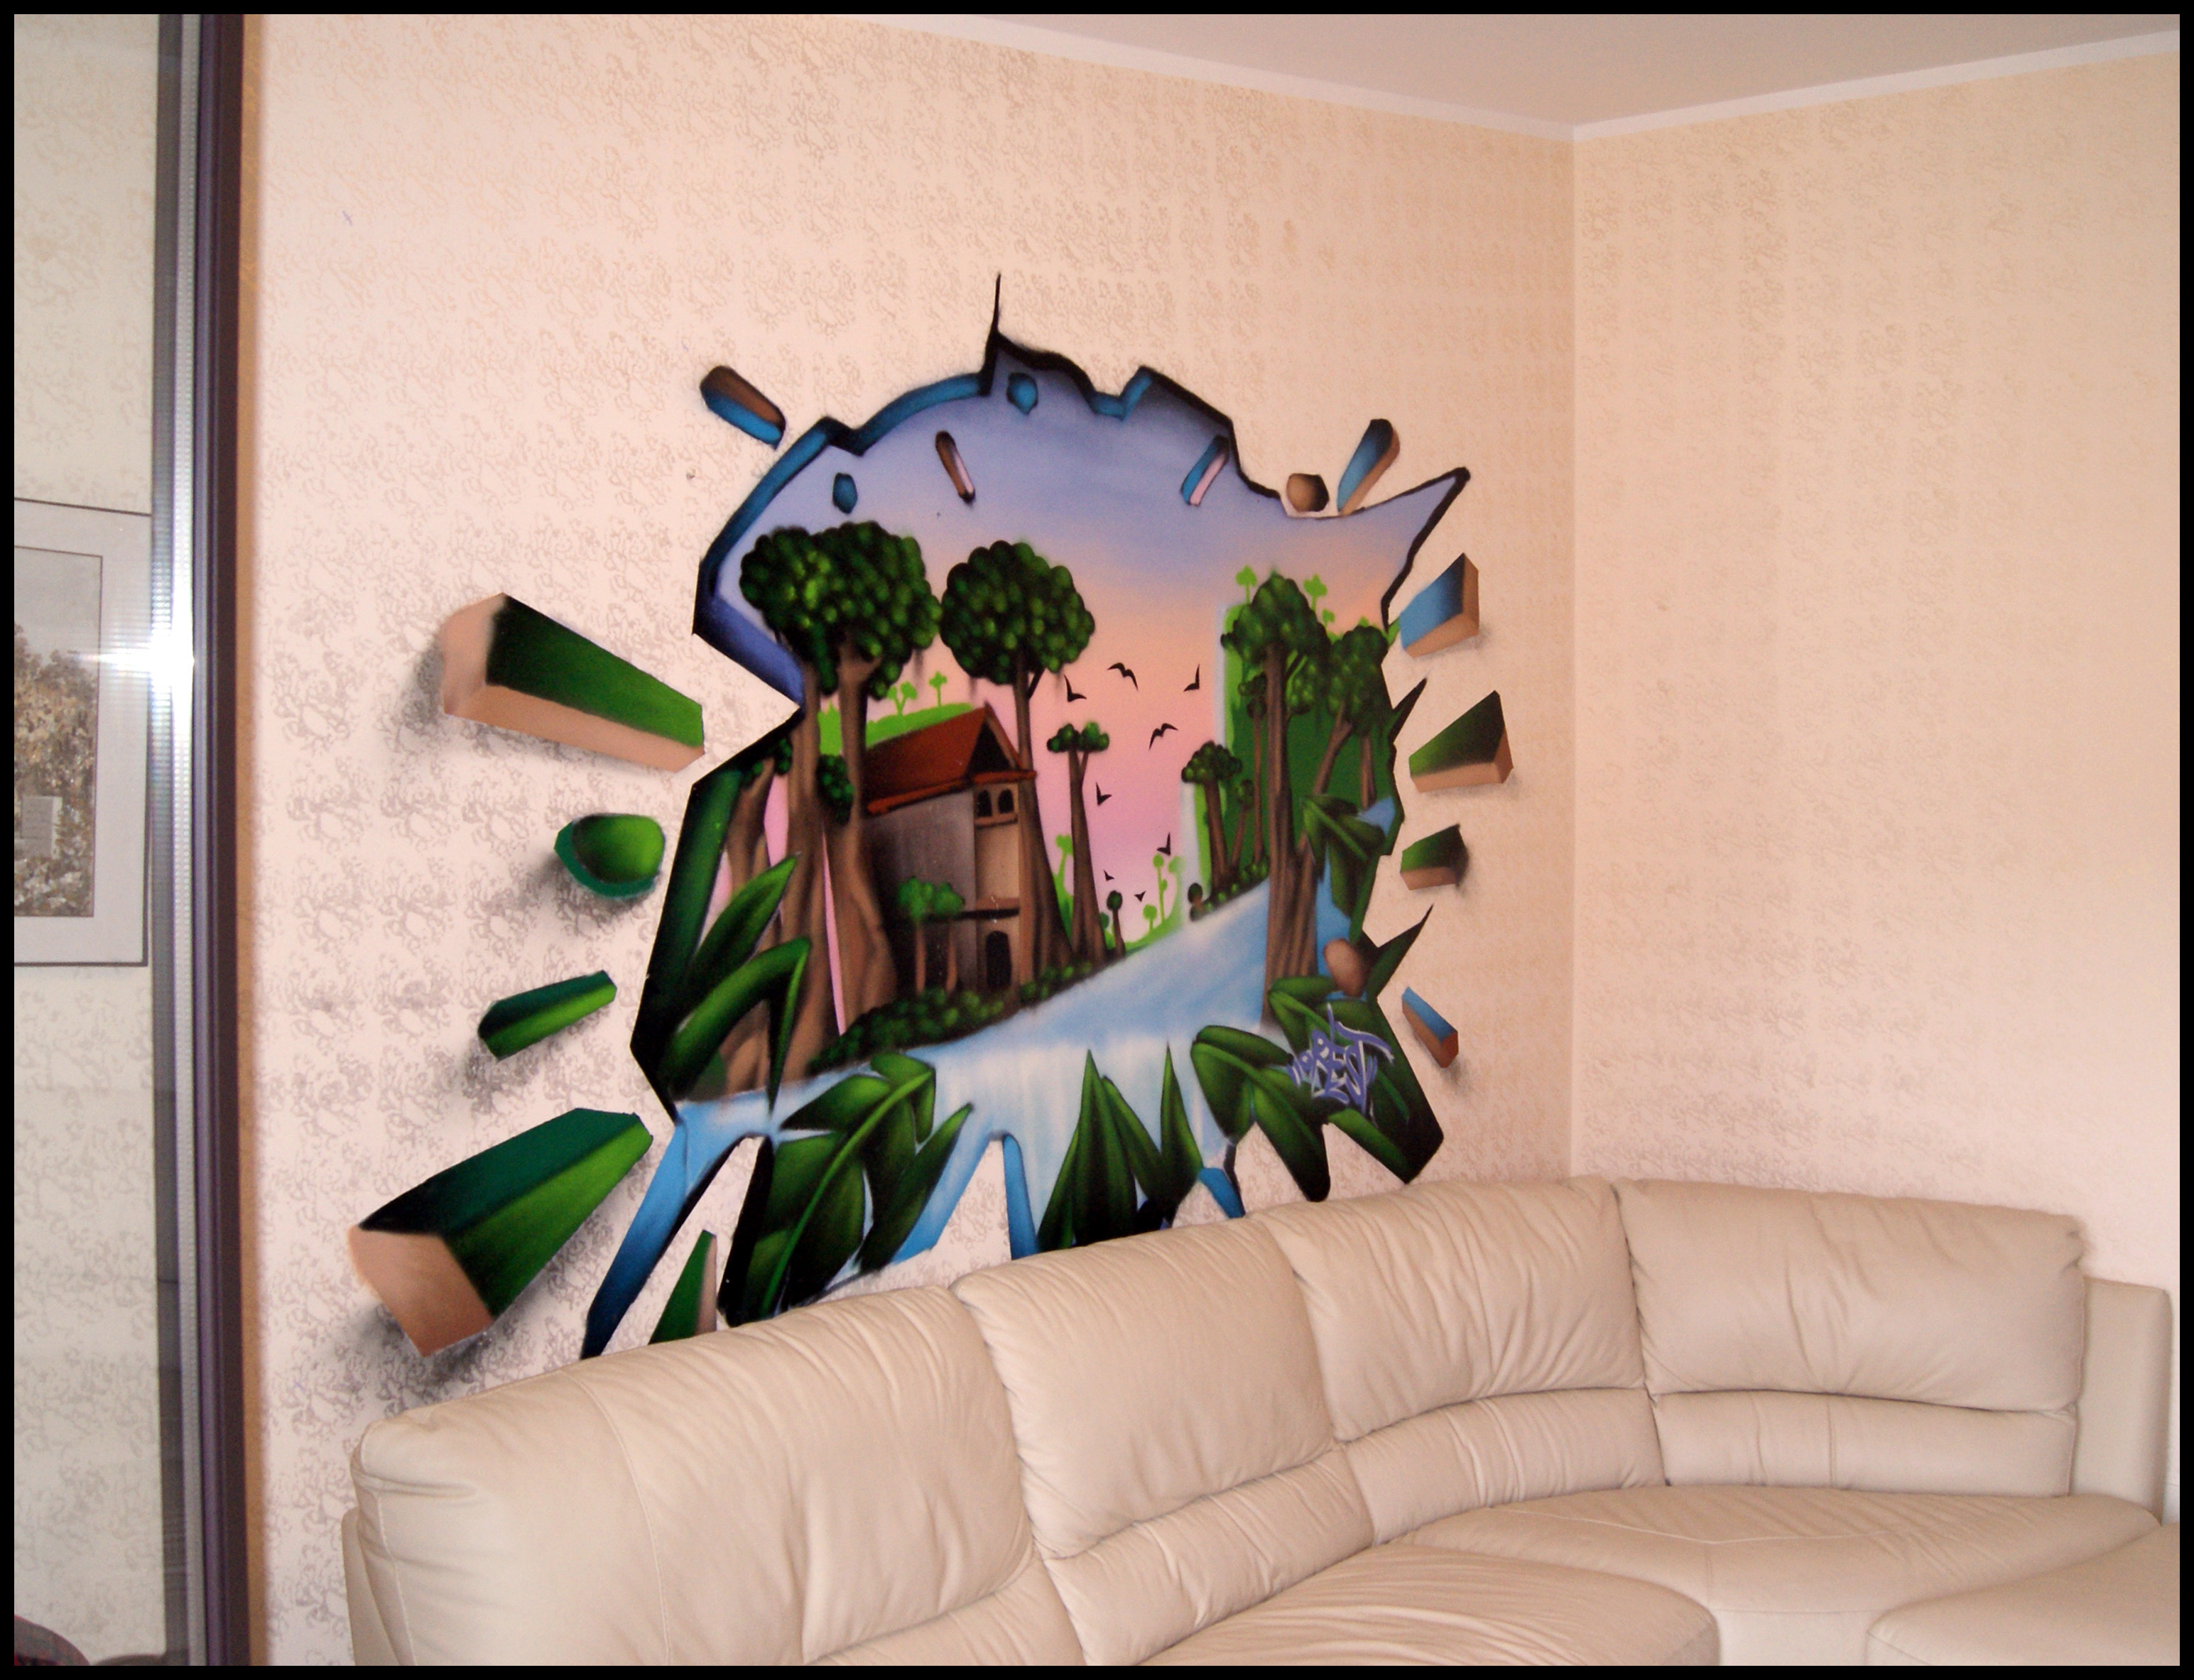 D cos particuliers salons et exterieurs decograffik deco graff bureaux ent - Prix decorateur interieur ...